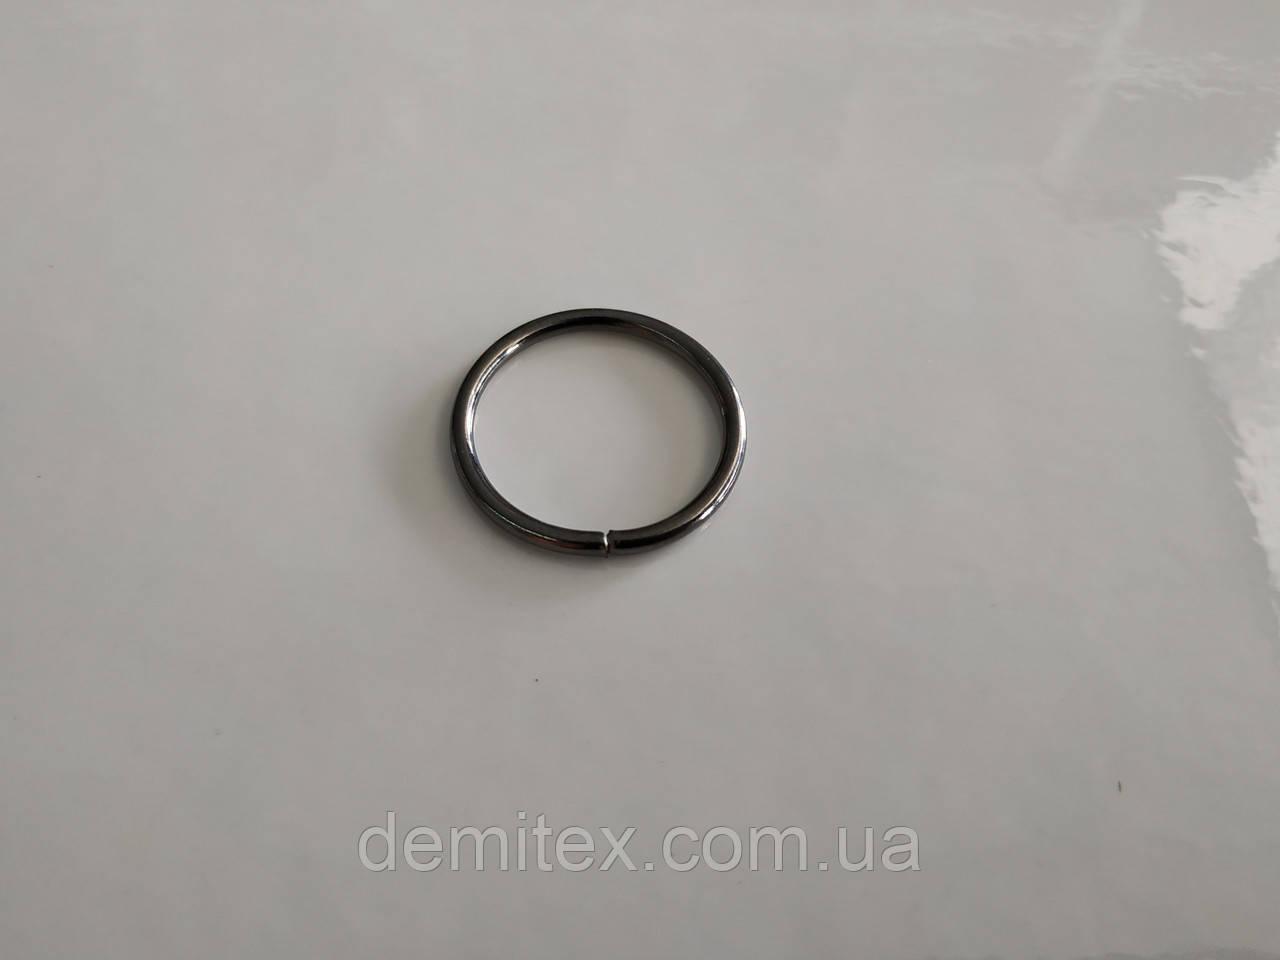 Кольцо черный никель 14х1.5мм